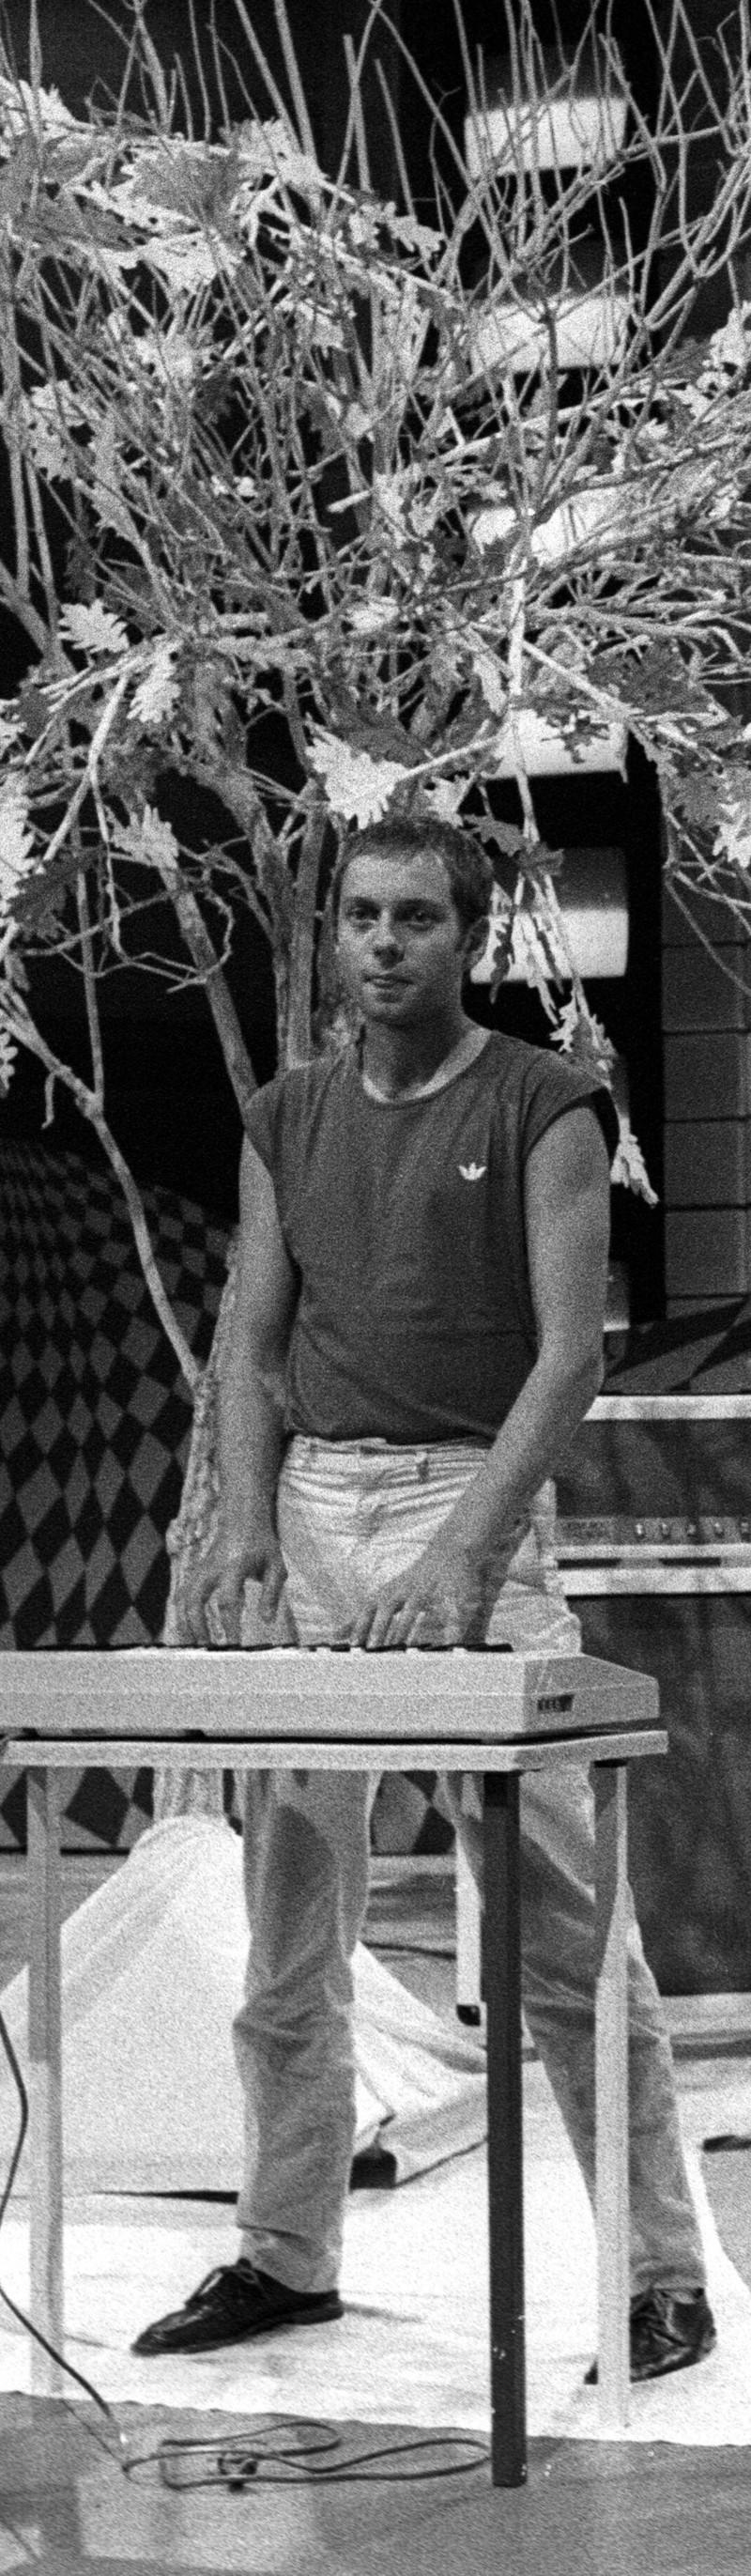 Der Keyboarder verließ 1986 die Spider Murphy Gang.